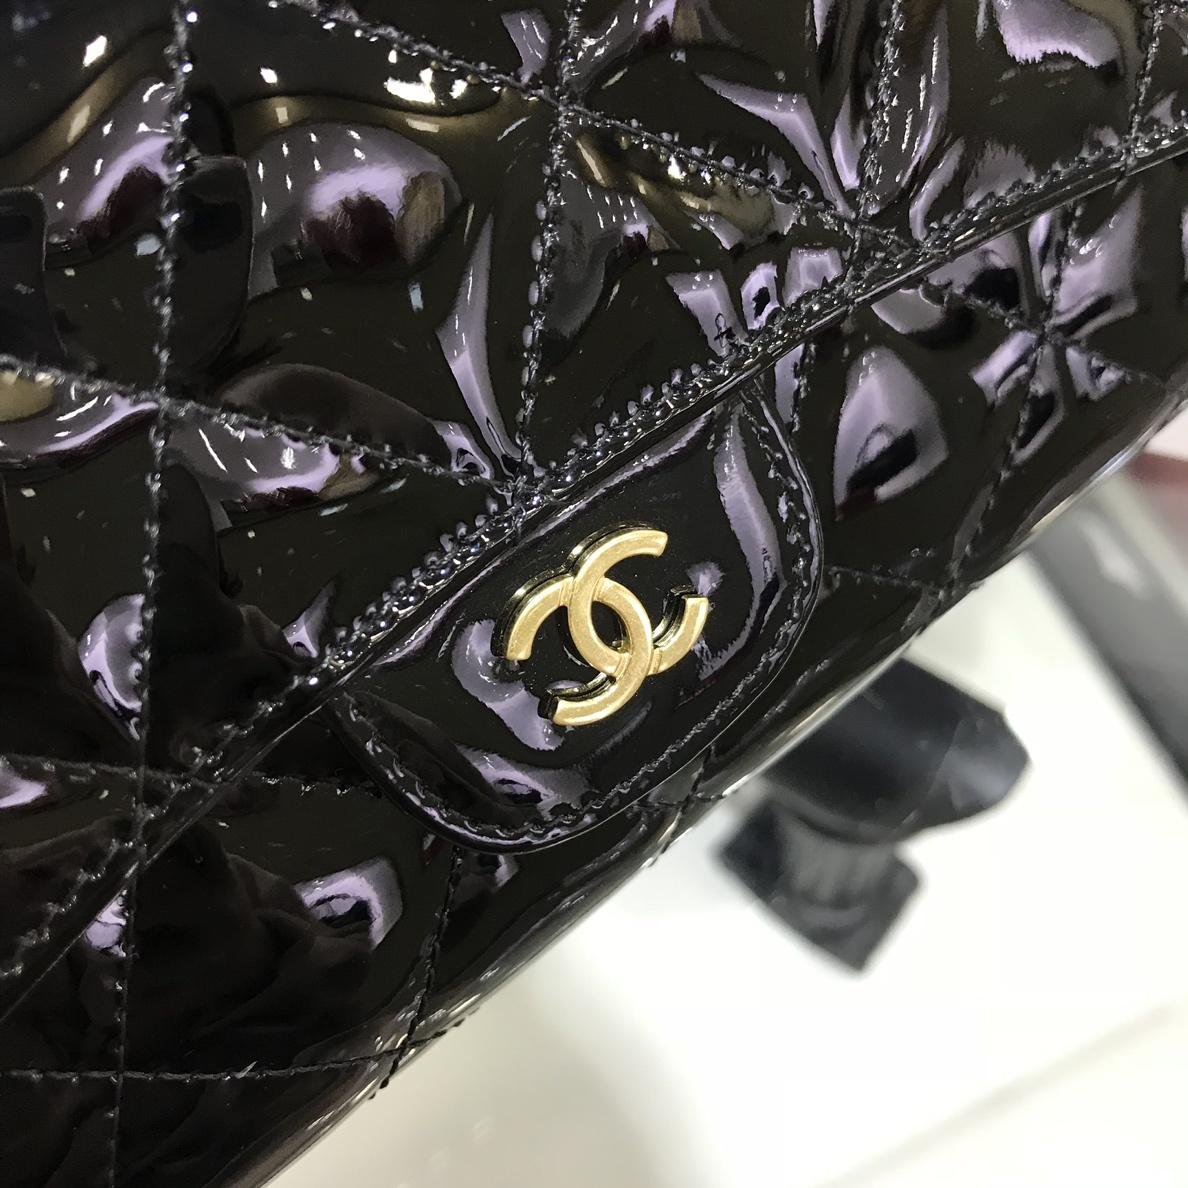 Chanel 香奈儿 长夹钱包 进口漆皮~黑色金扣